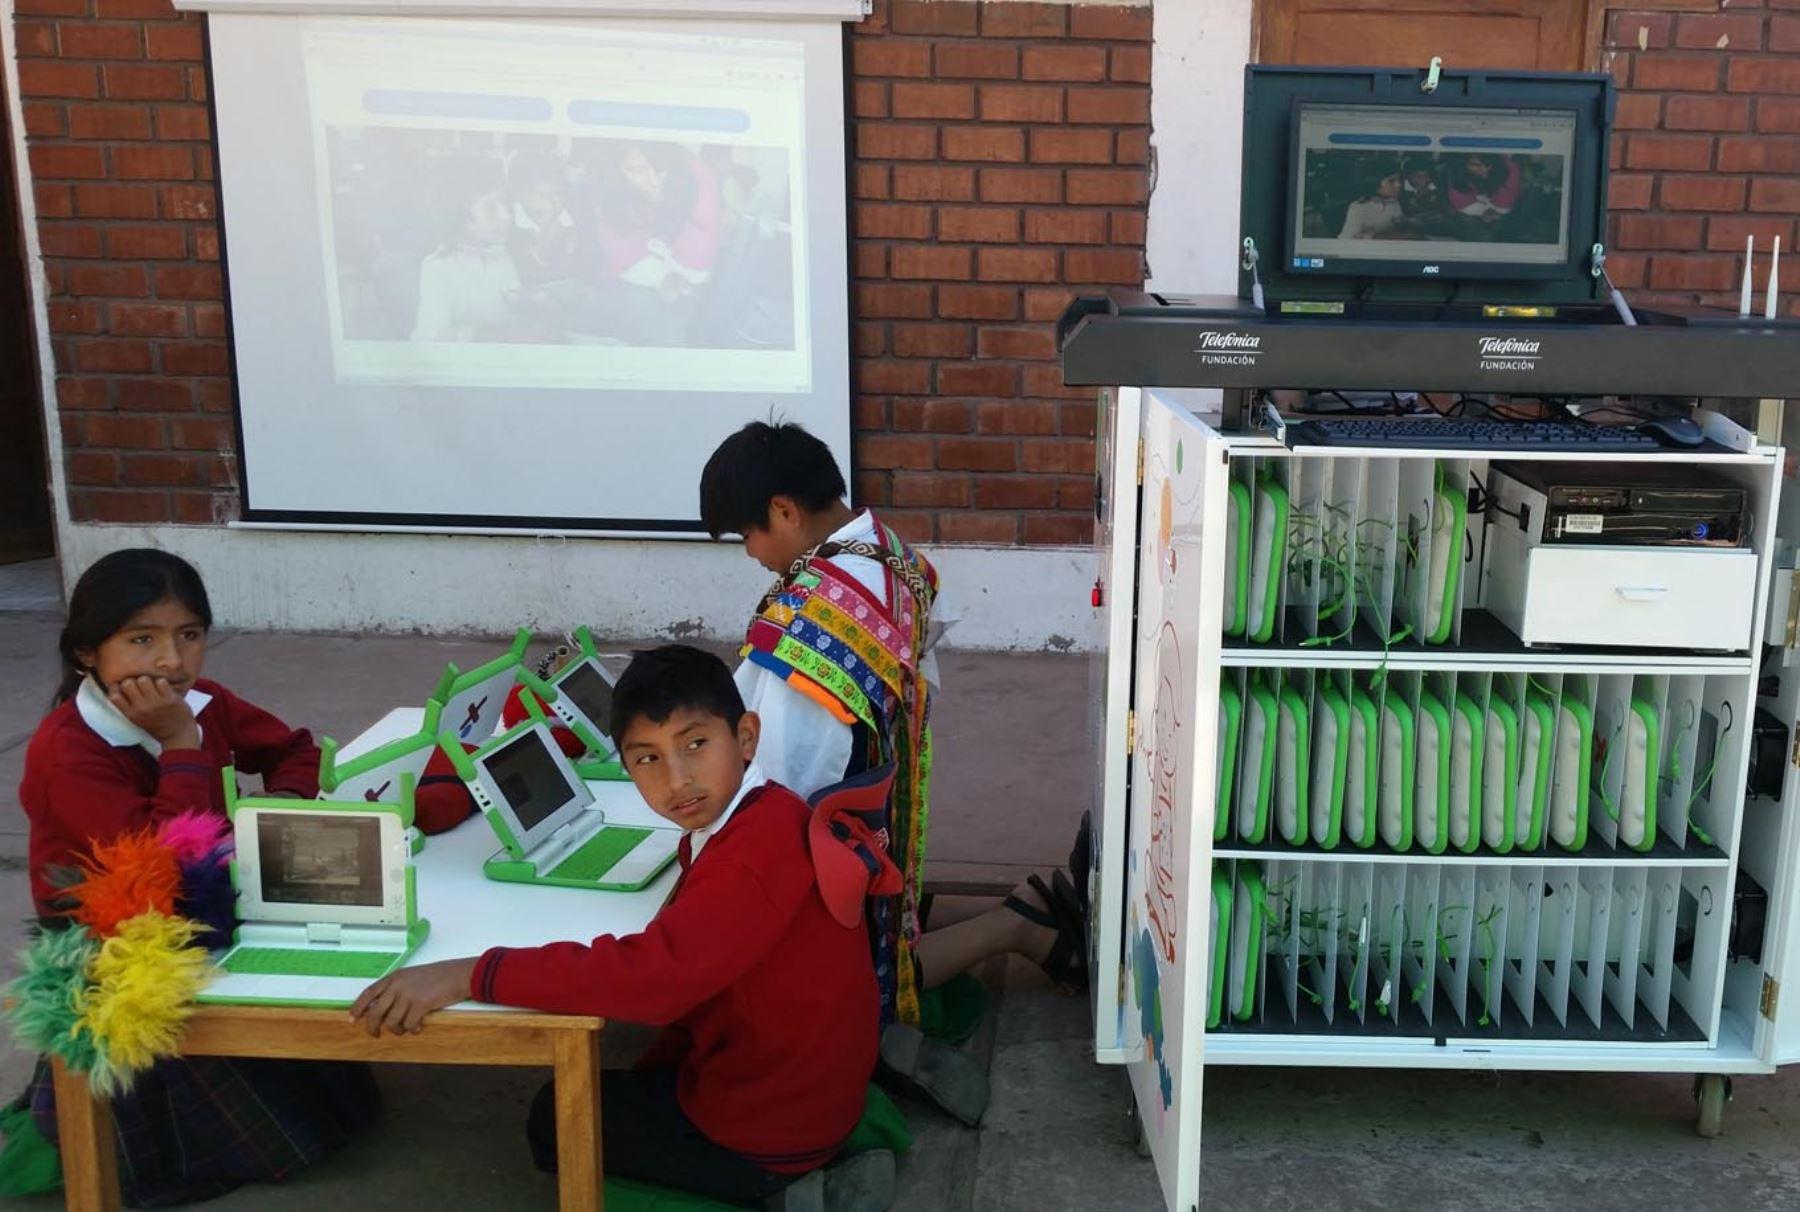 """CUSCO PERÚ, JULIO 11. Reconocido cocinero español Ferran Adriá participa en la inauguración de un """"Aula Móvil"""" en un colegio de Fe y Alegría en el distrito de Andahuaylillas, en Cusco. Estuvo acompañado de la Directora de la Fundación Telefónica, Elizabeth Galdos. Foto: ANDINA"""